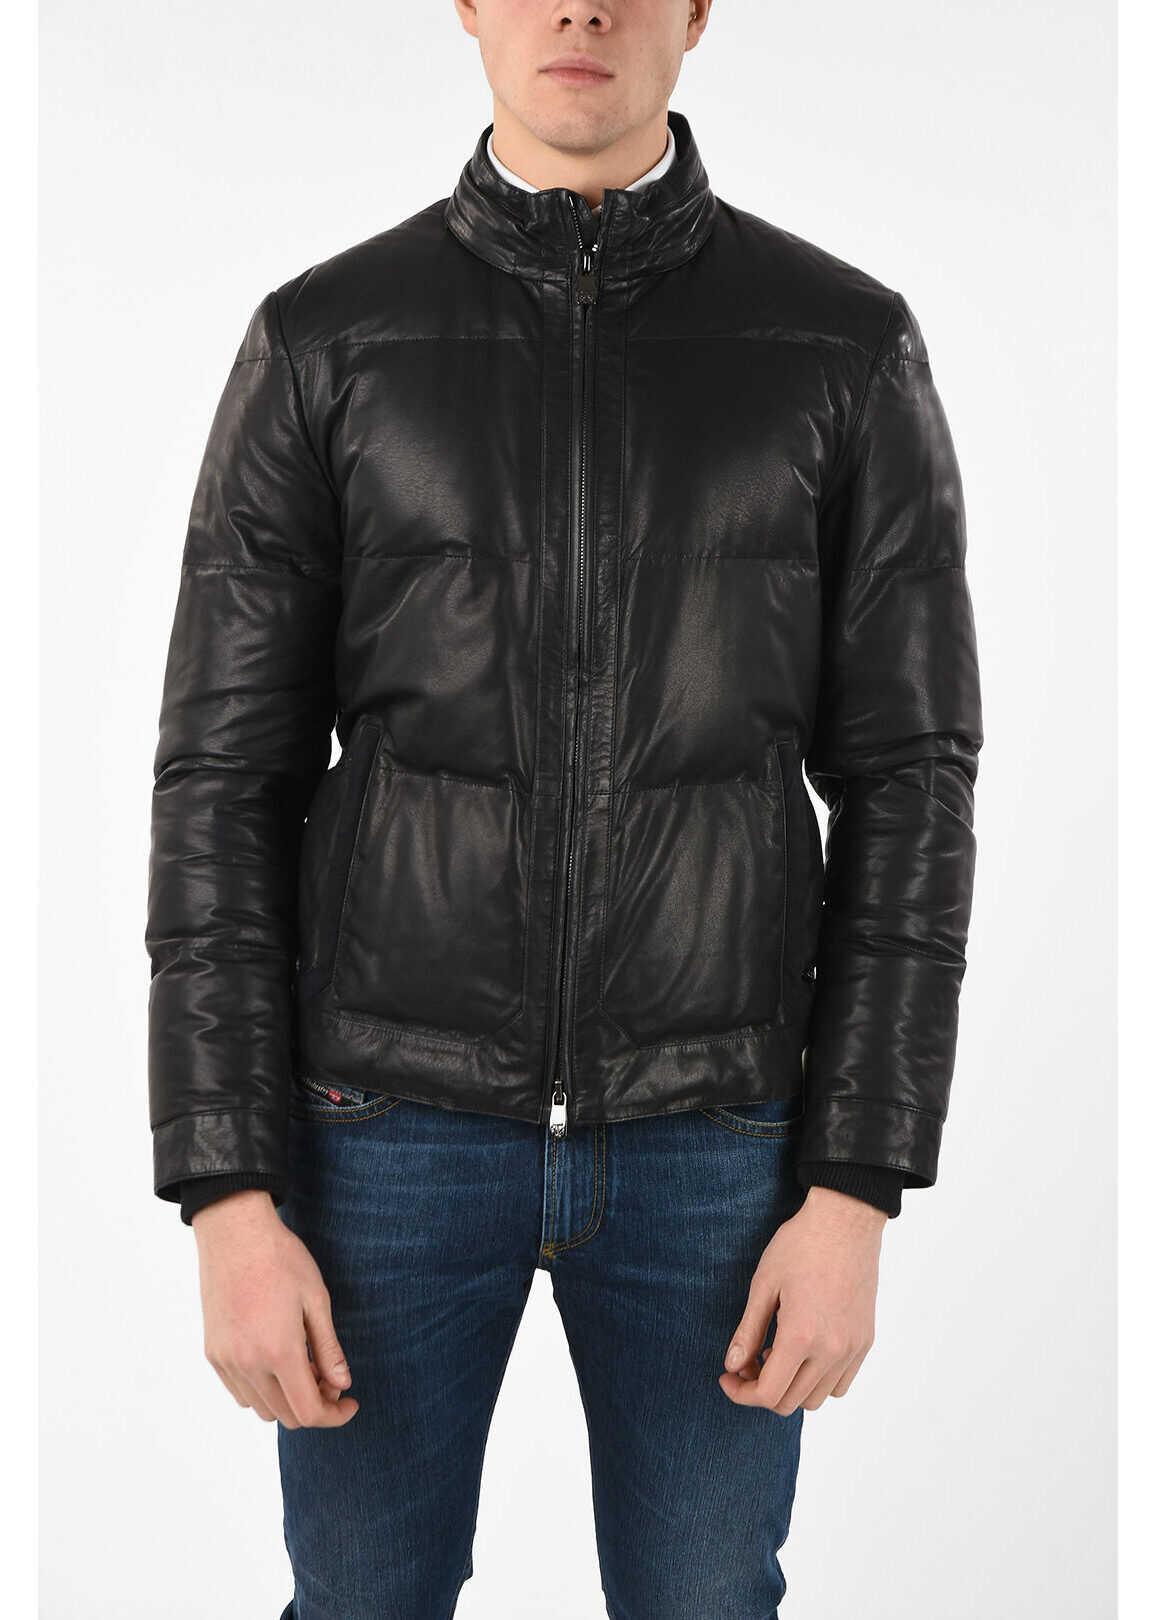 CORNELIANI ID leather down jacket with extractable Hood BLACK imagine